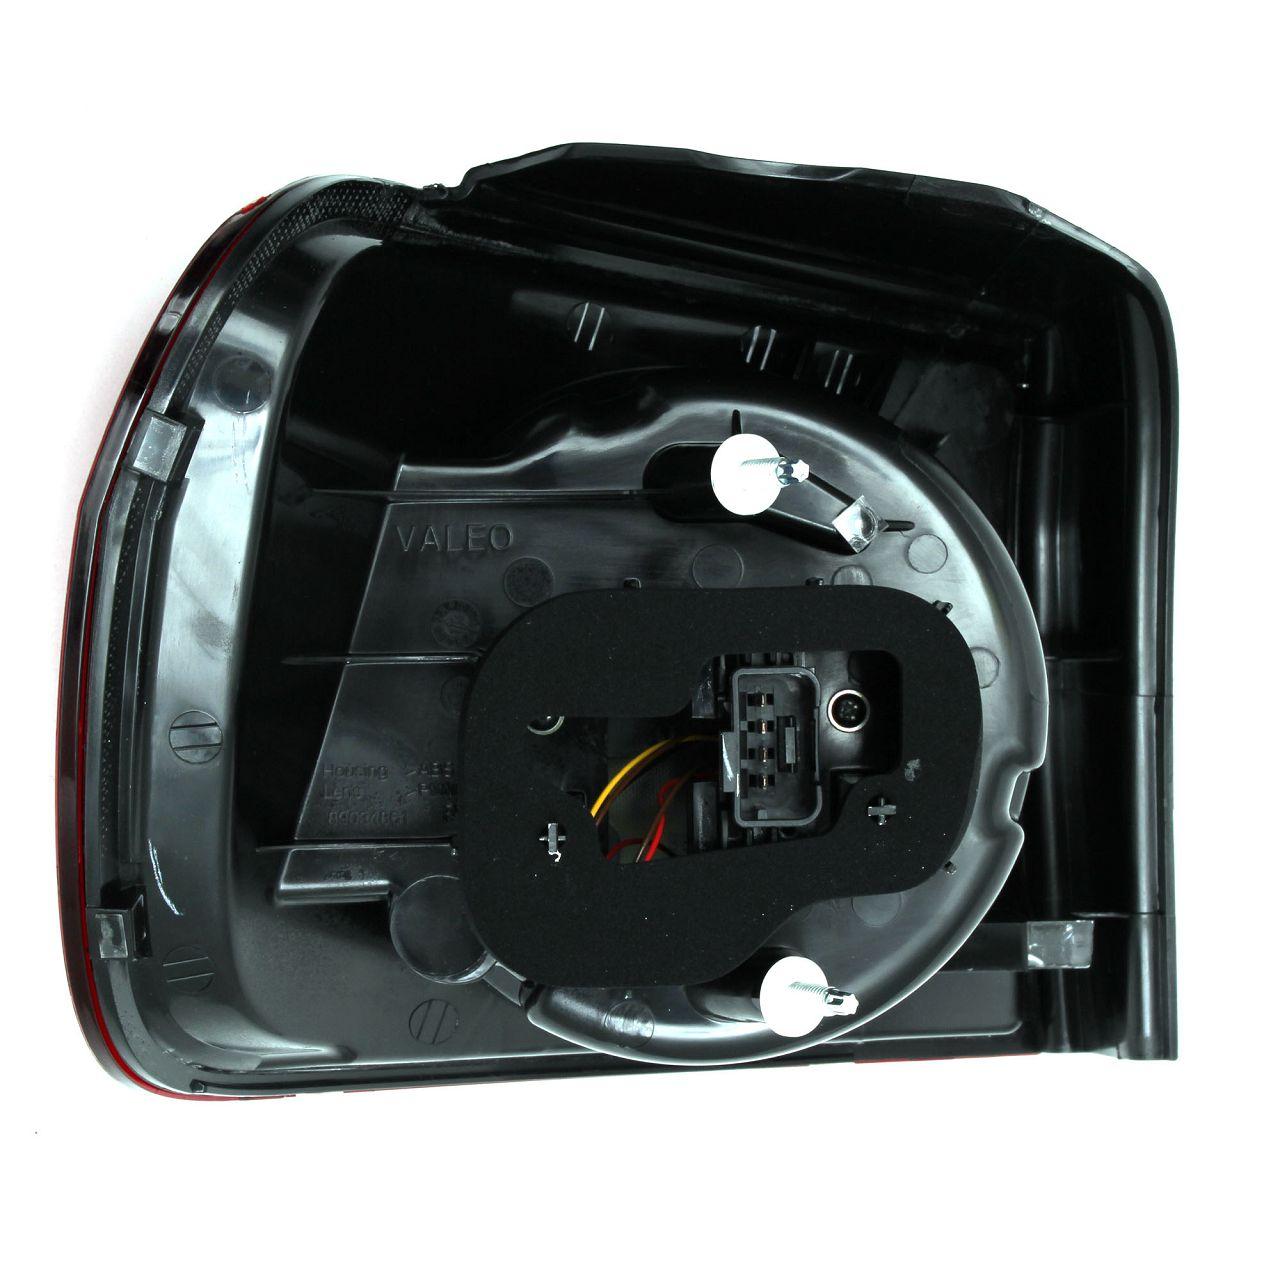 VALEO Rückleuchte LED für VW GOLF PLUS (5M1, 521) bis 2009 hinten außen rechts